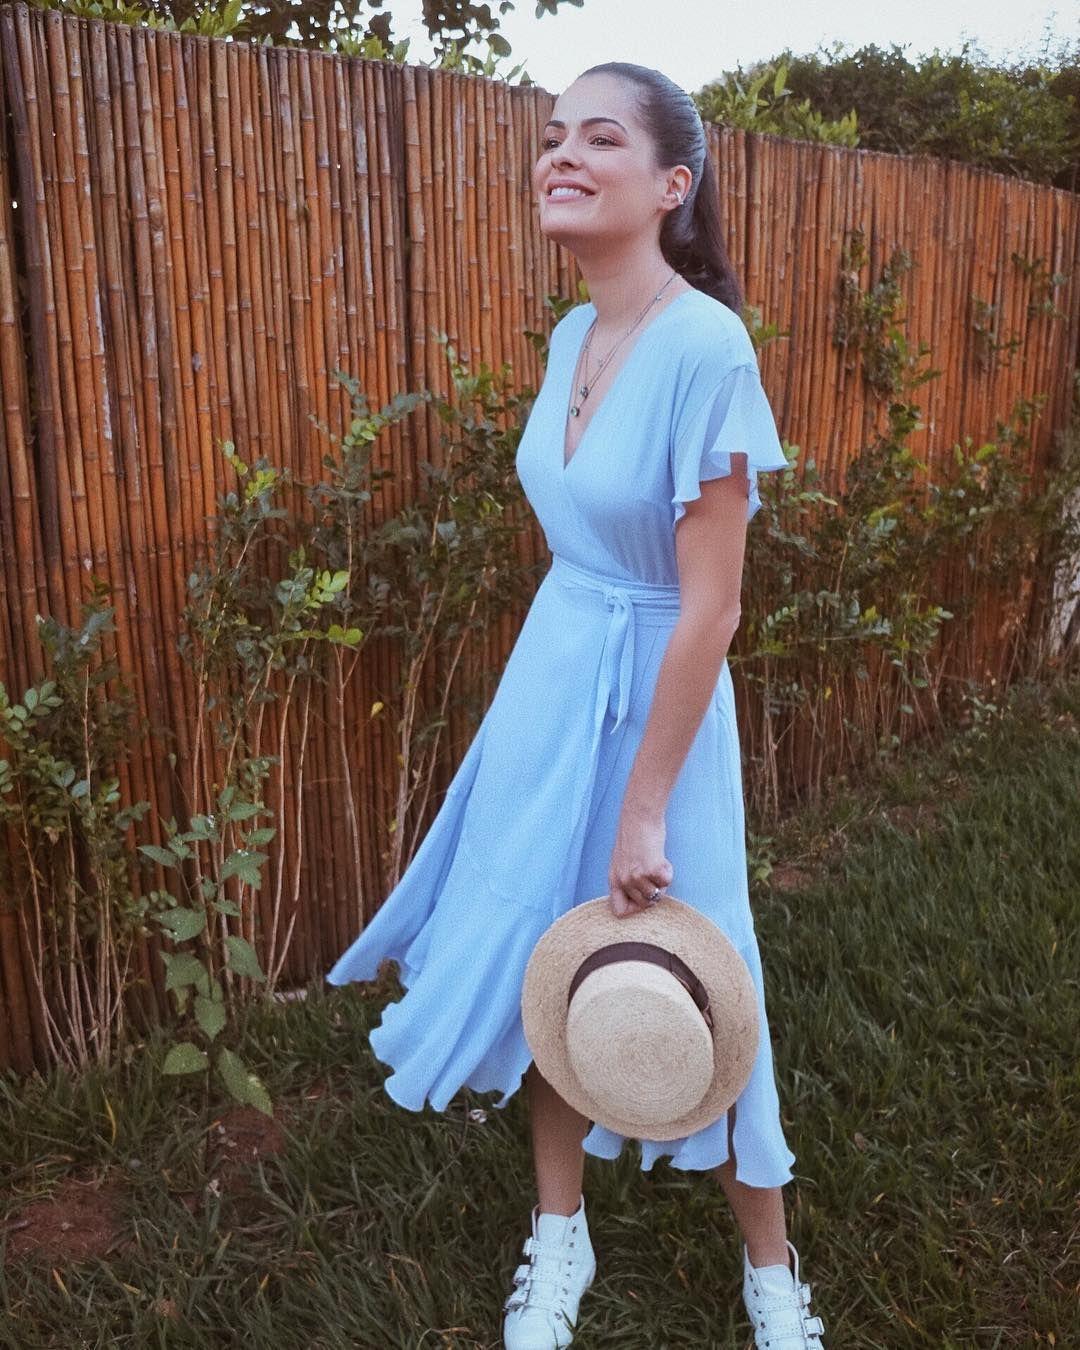 Tanamoda - Blog de moda e beleza: Top 6 Vestidos de Festa